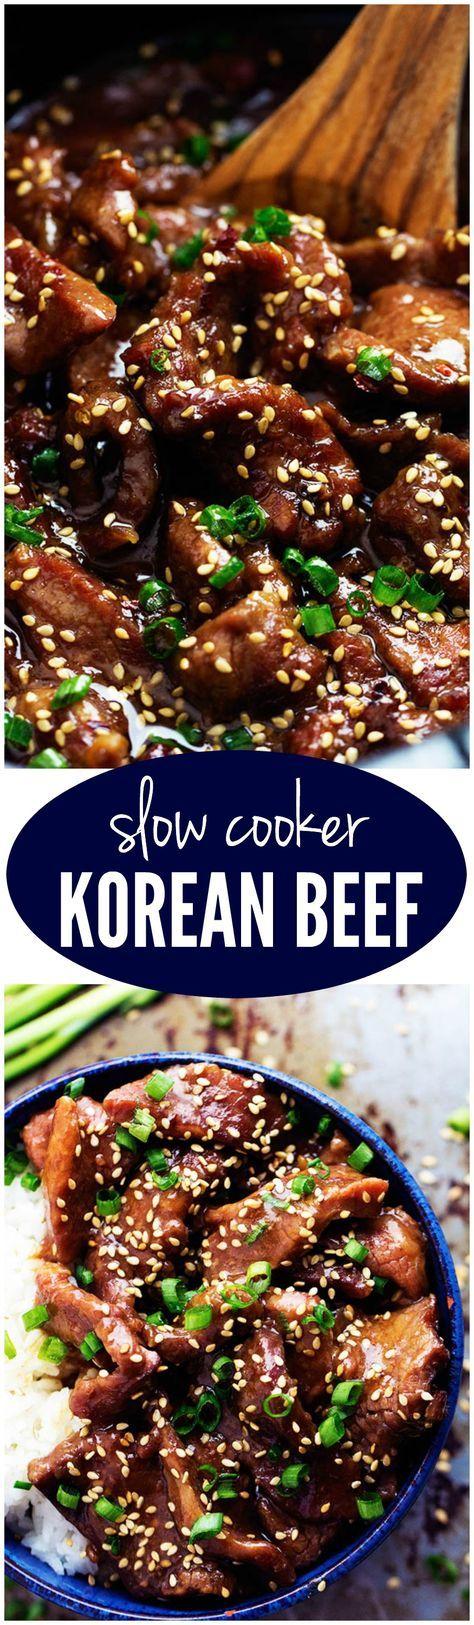 La receta usa la carne de res y es muy jugoso.